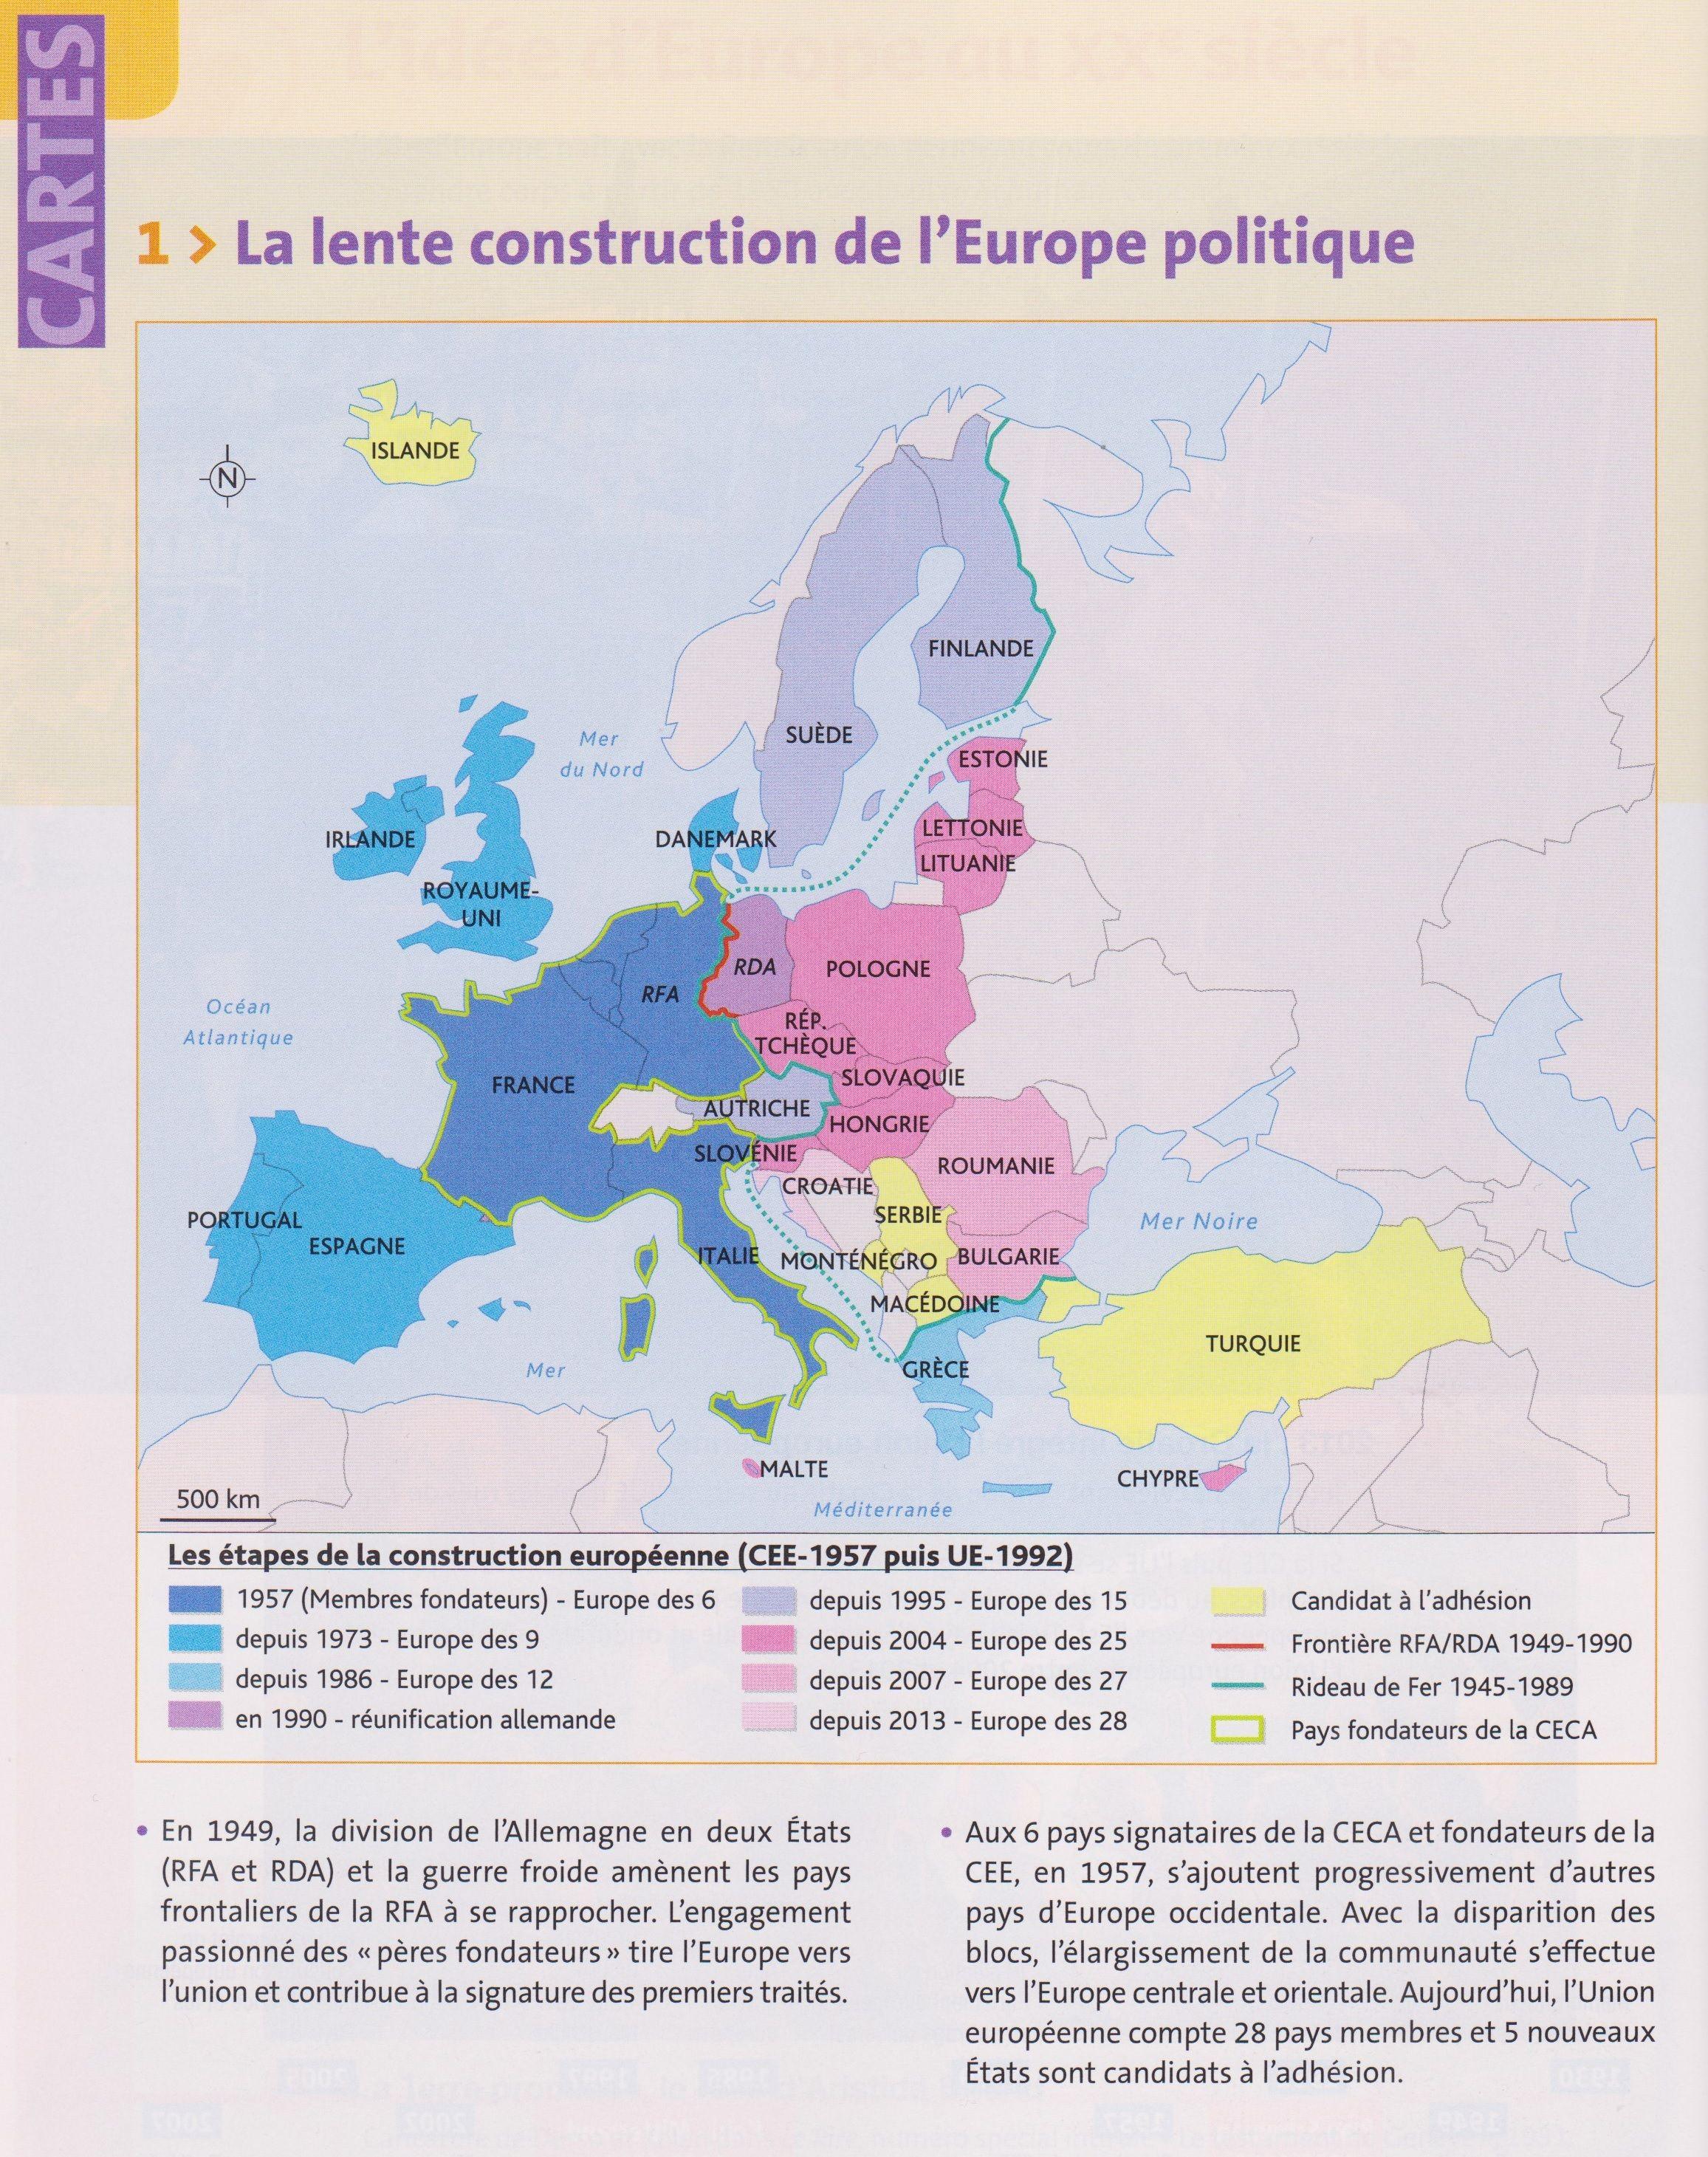 Tbacpro H2 La Lente Construction De L Europe Politique Les